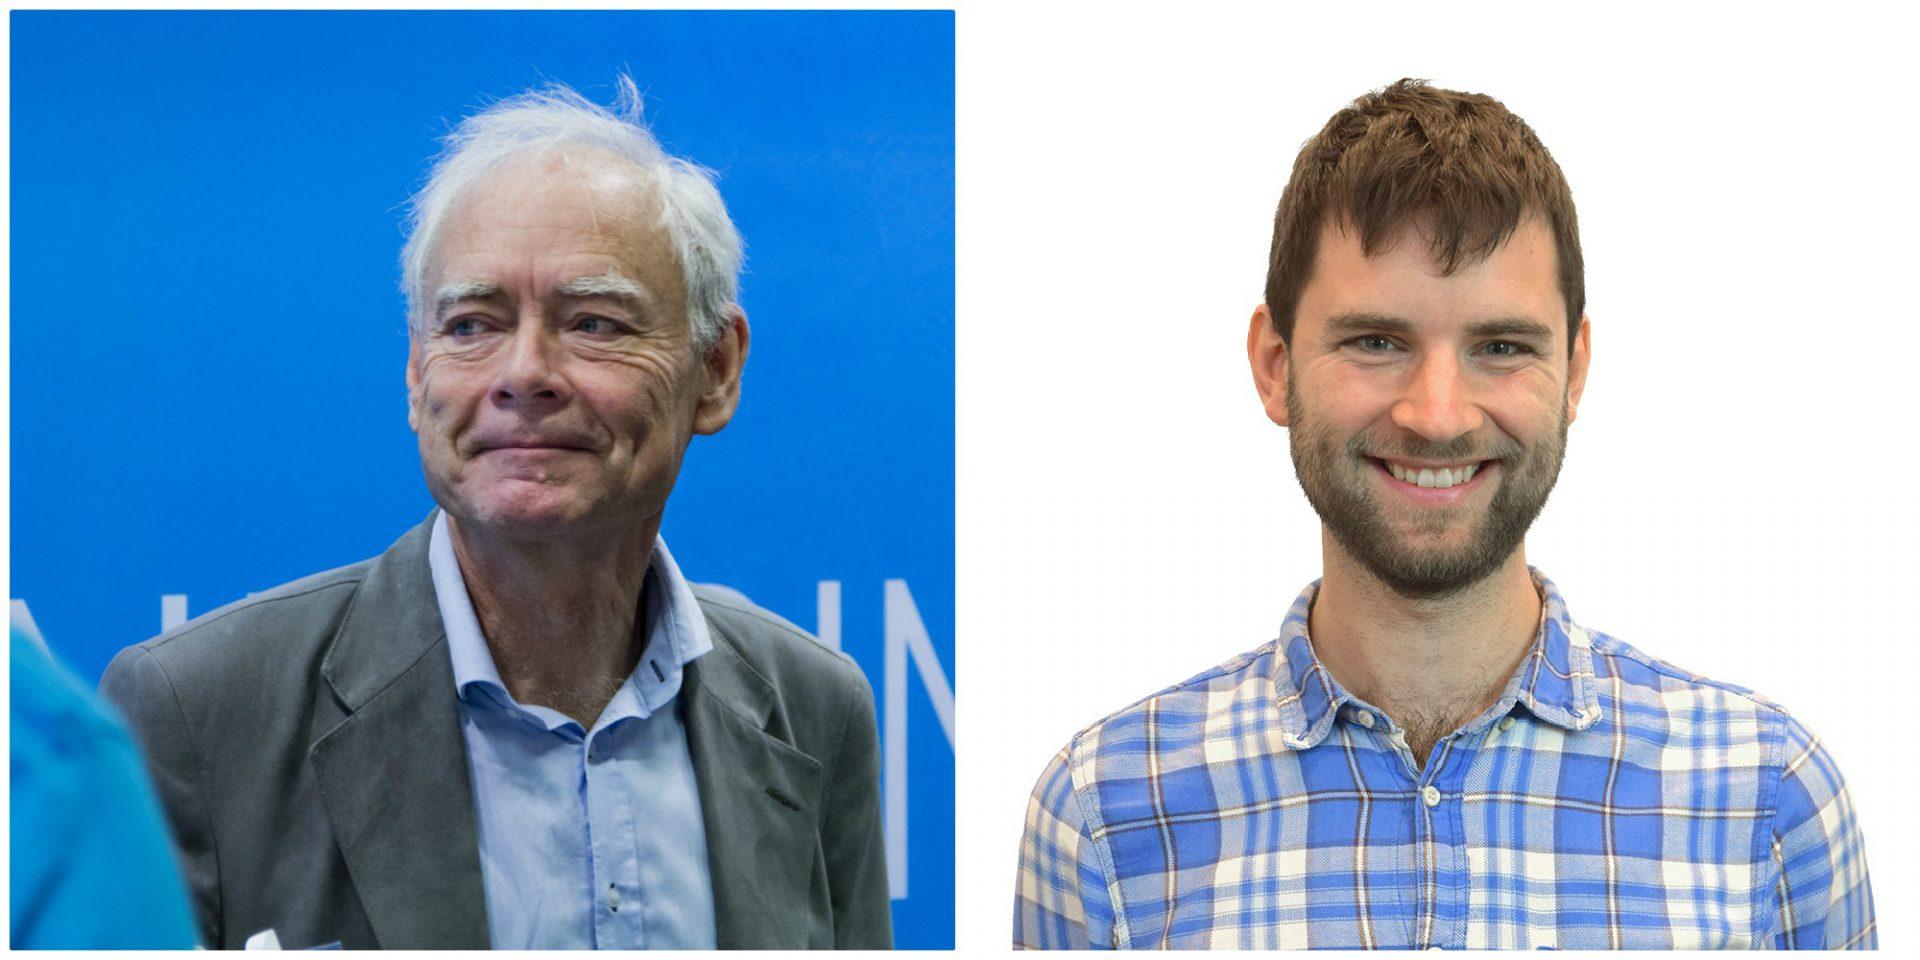 Göran och David Collste, professor i etik och doktorand i hållbarhet.